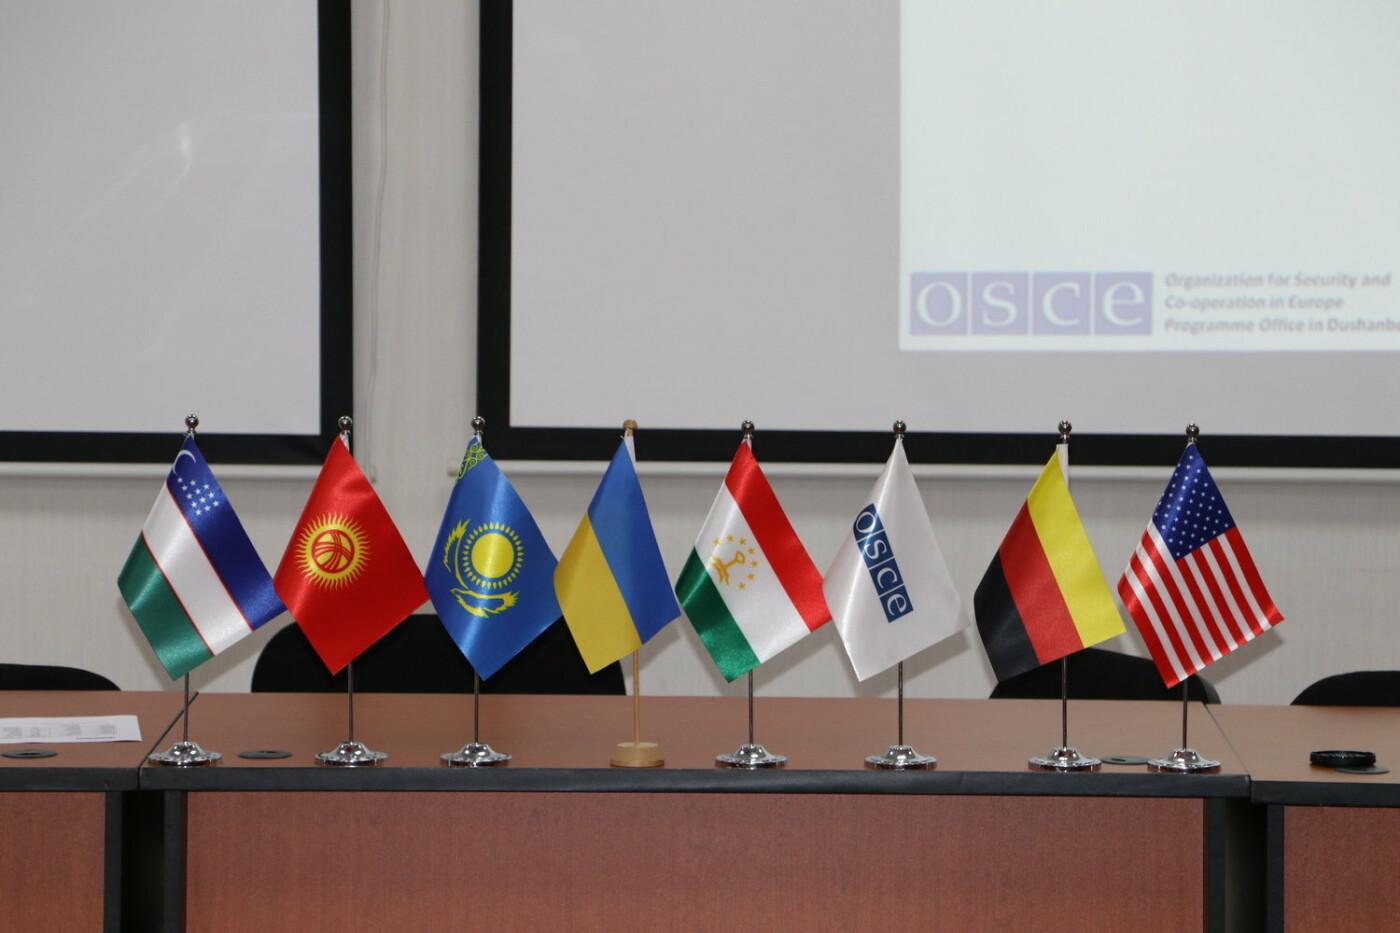 Військовий Центру розмінування пройшов підготовку інструкторів на базі ОБСЄ, фото-3, Фото: Центр розмінування